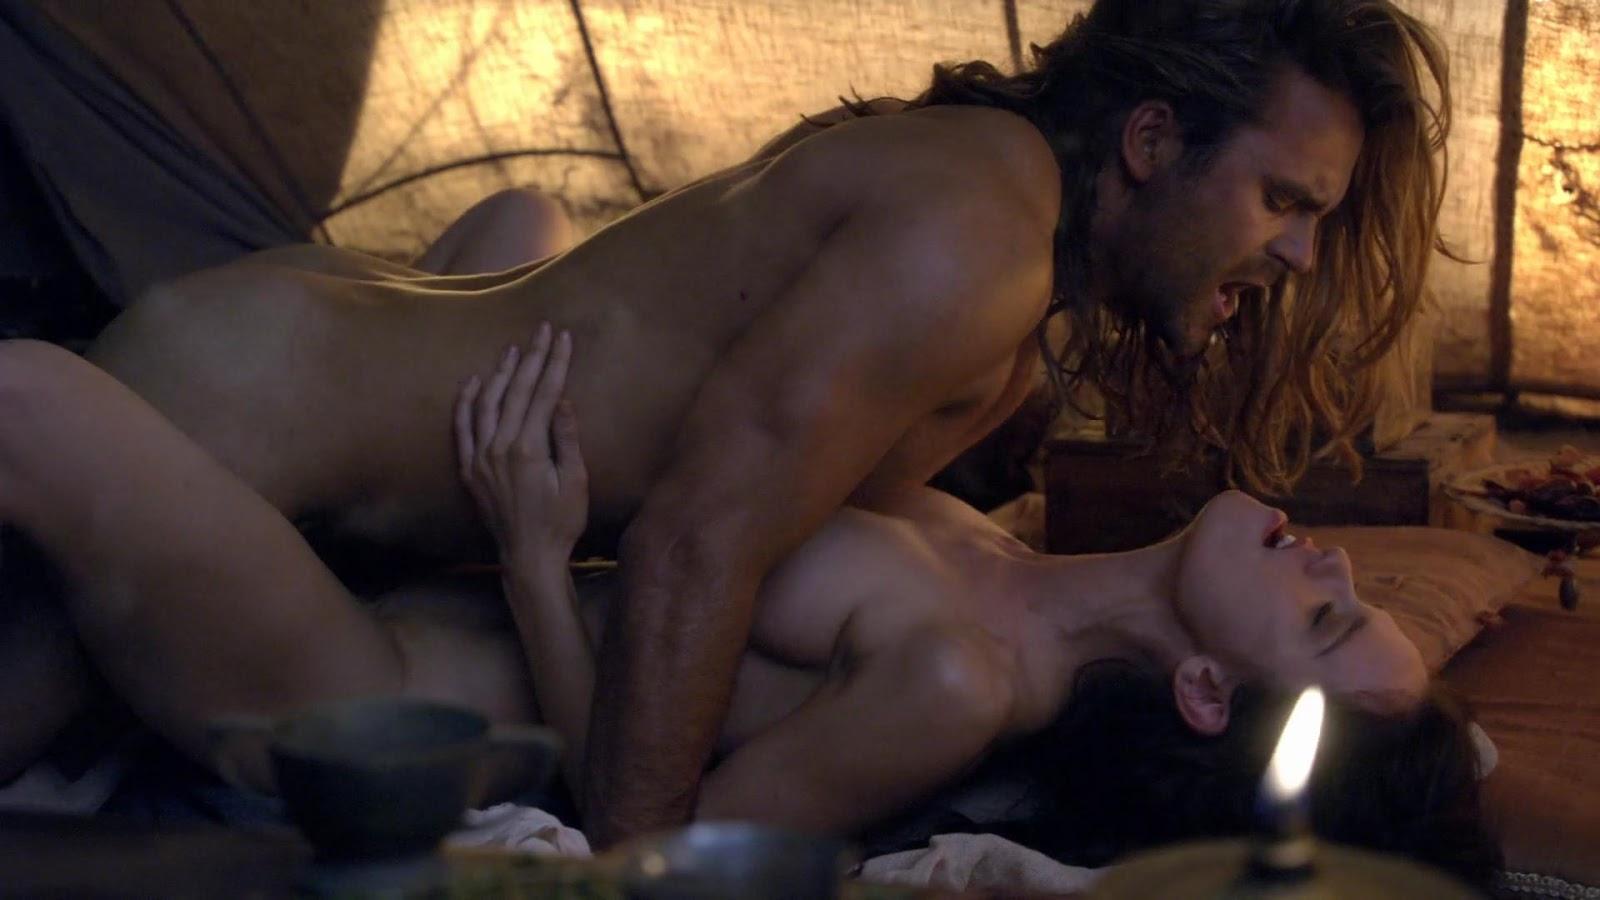 Еротические сцены в худ фильмахз